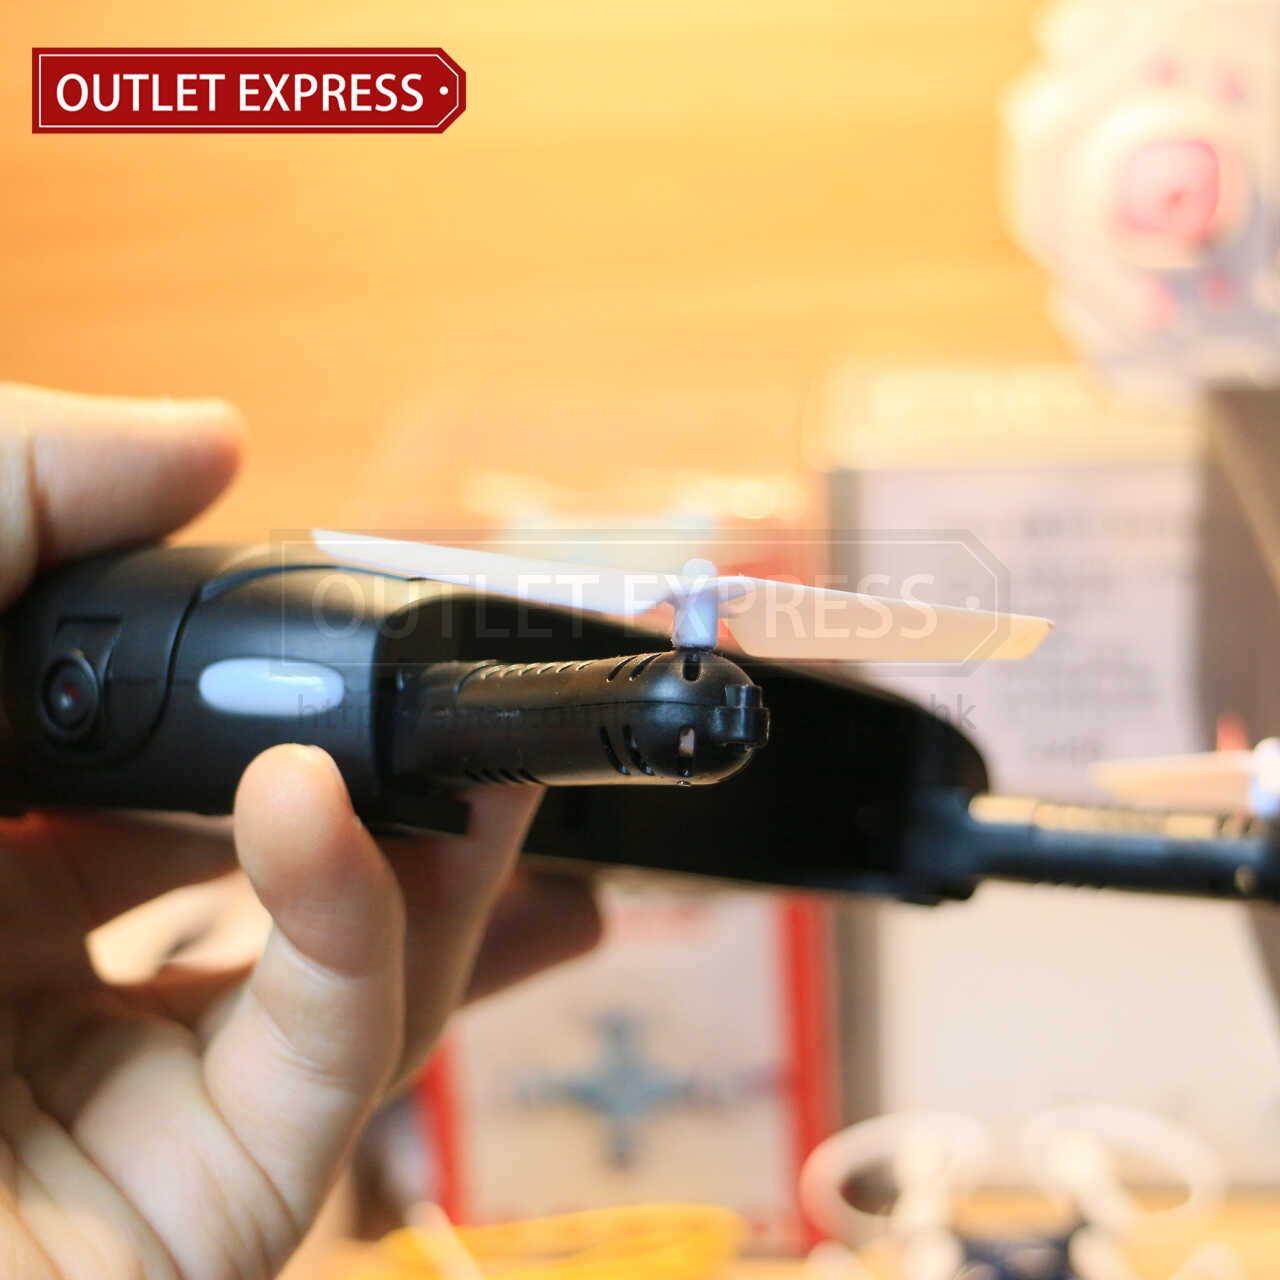 JJRC H37 可折疊迷你四軸無人機飛行器 軸翼- Outlet Express HK生活百貨城實拍相片